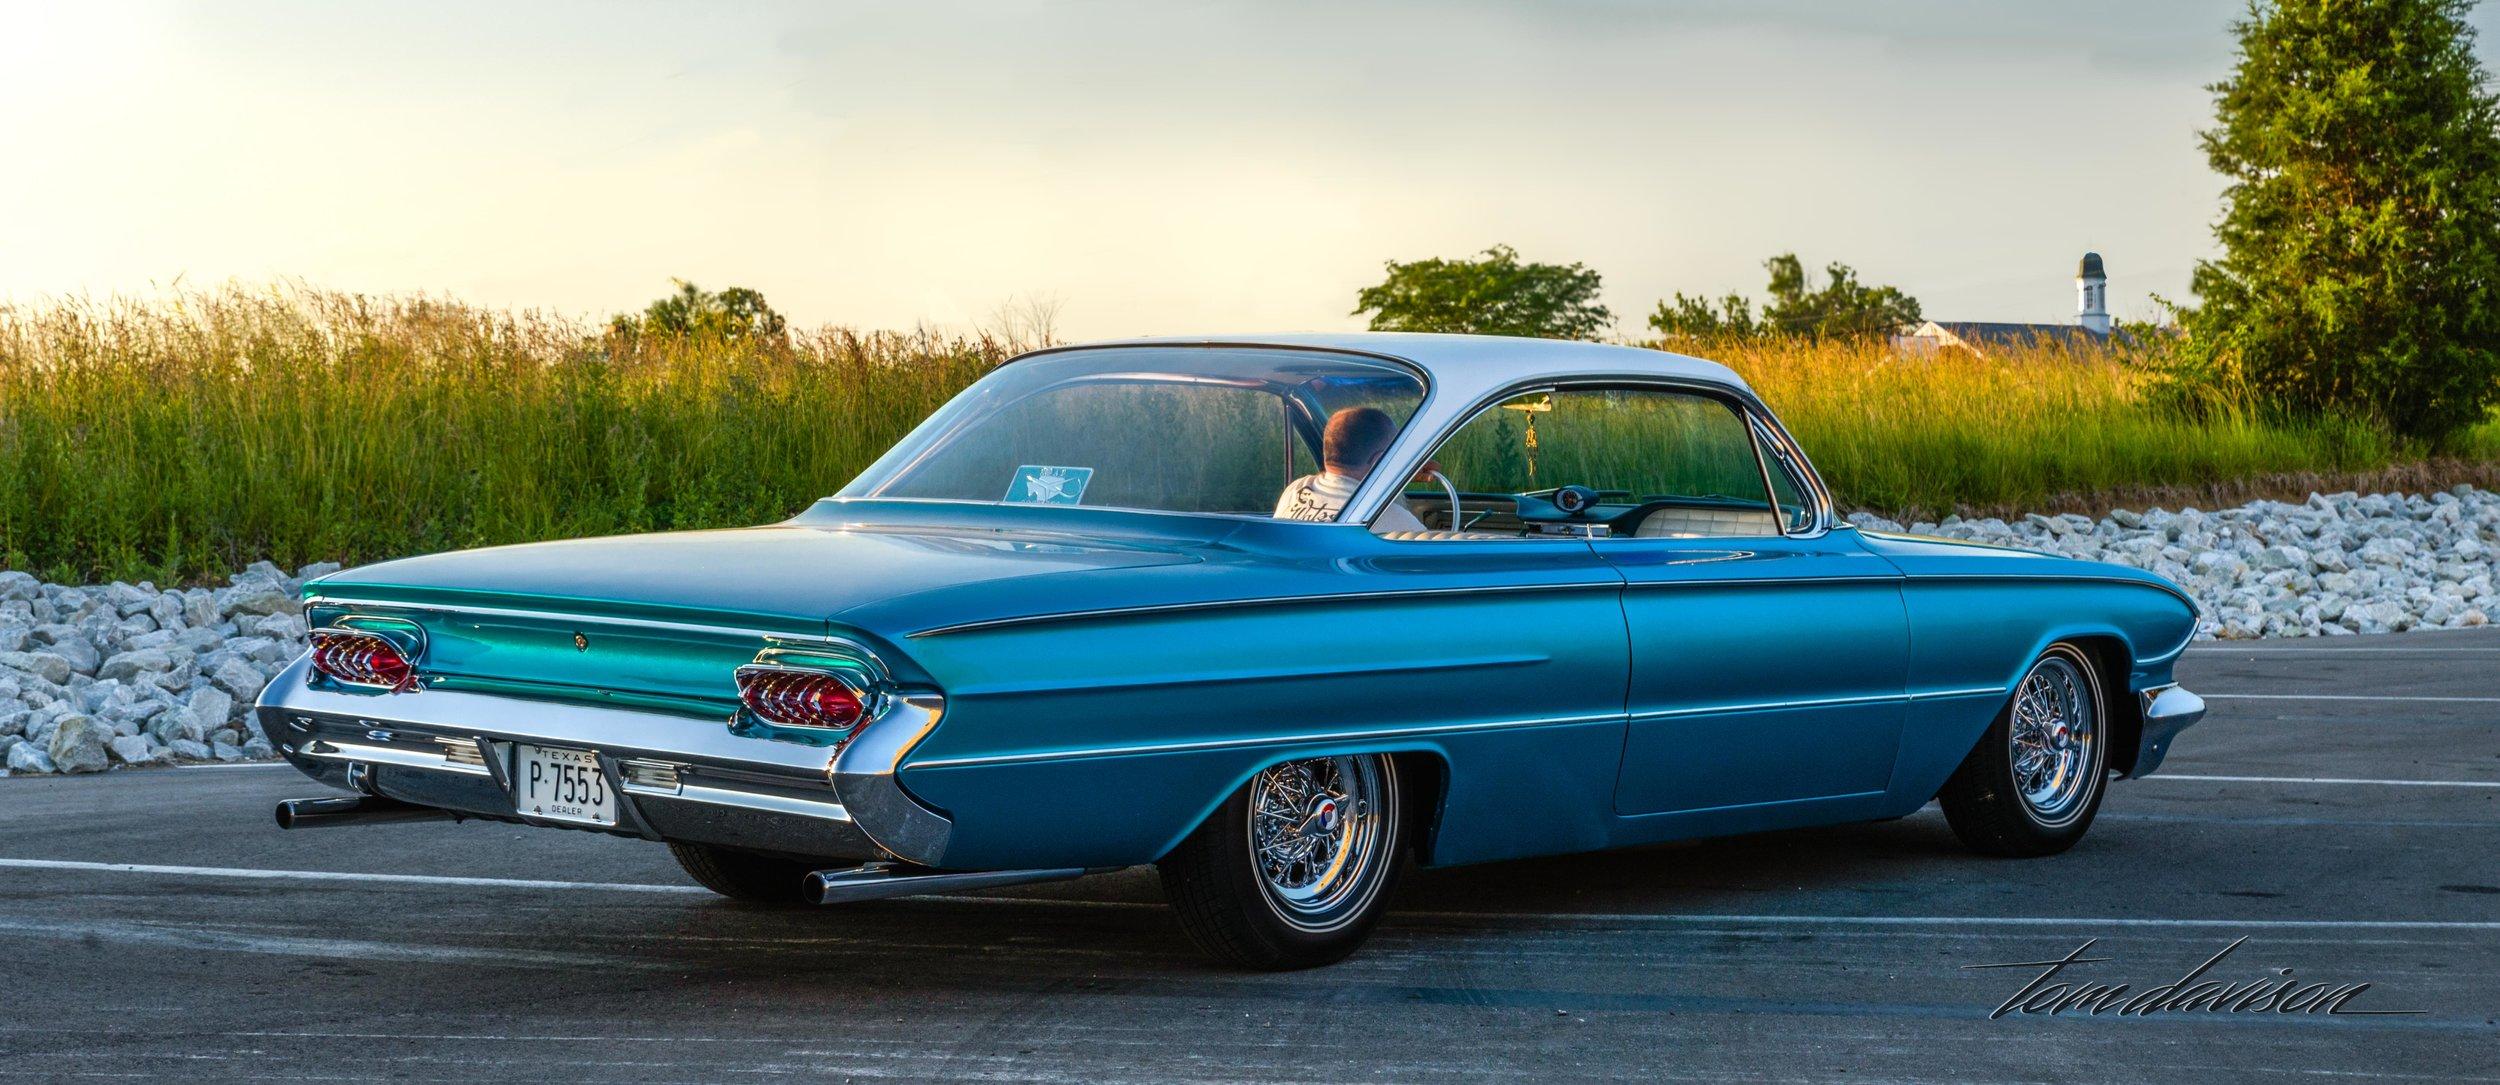 1961 Buick